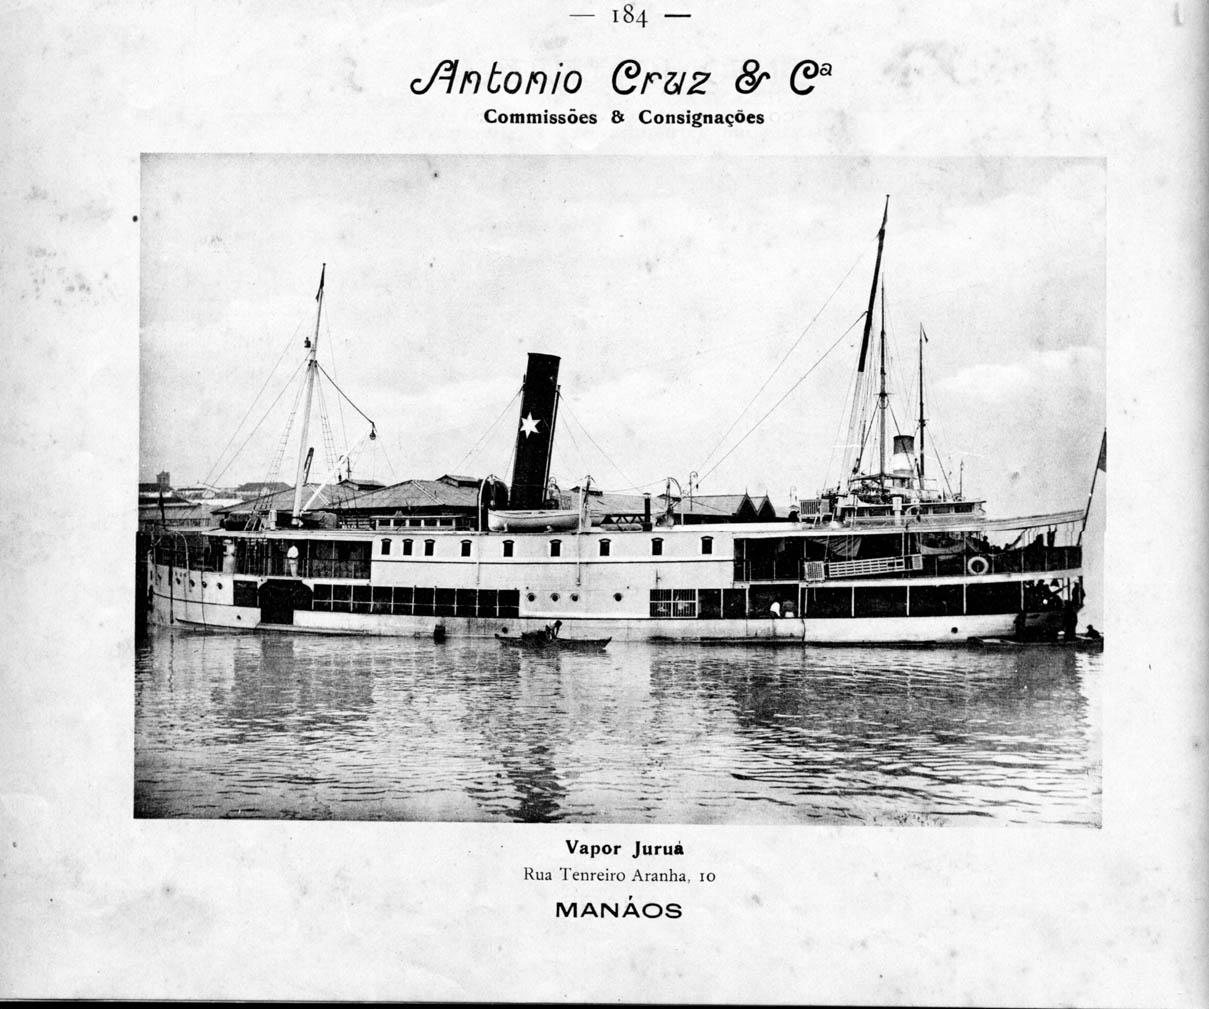 Embarcação da Empresa Antônio Cruz & Cia